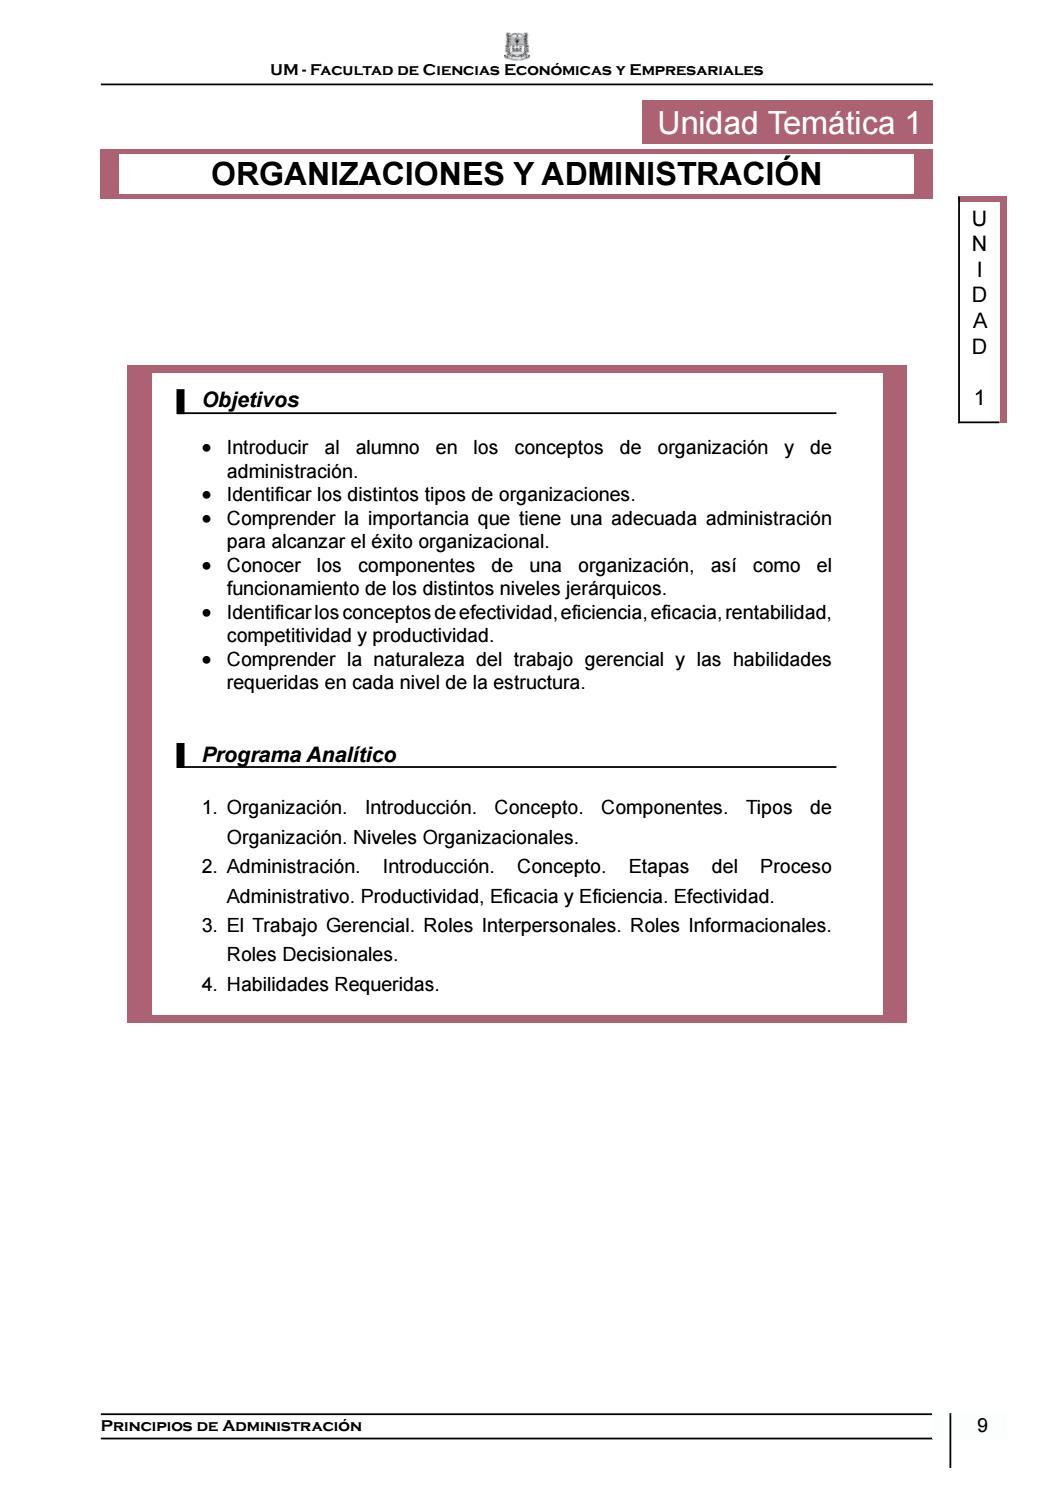 Unidad 1 Pirncipios De Administración By Faceeum Issuu